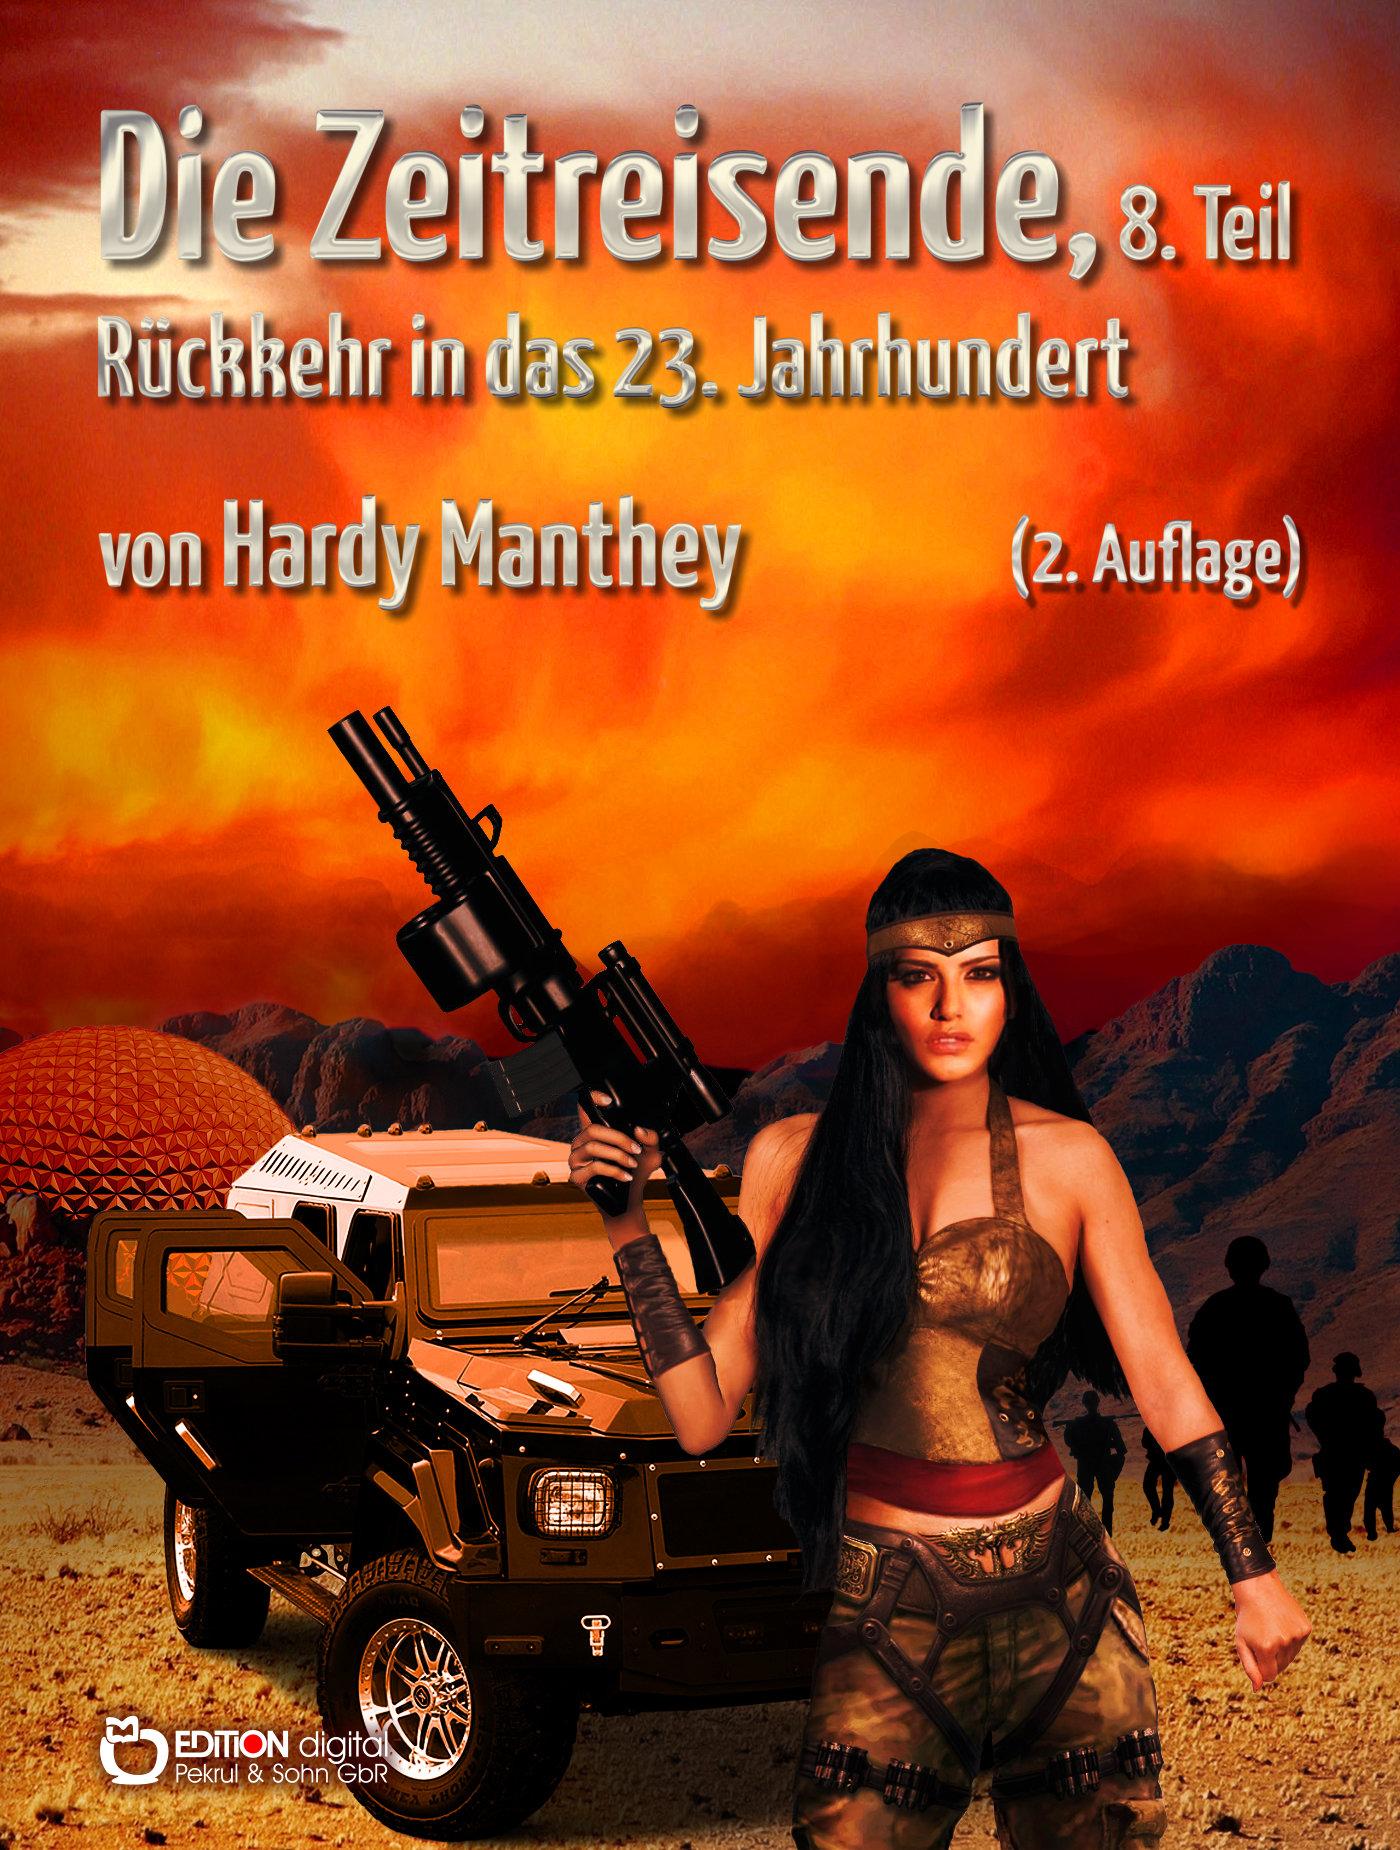 Die Zeitreisende, 8. Teil. Rückkehr in das 23. Jahrhundert von Hardy Manthey